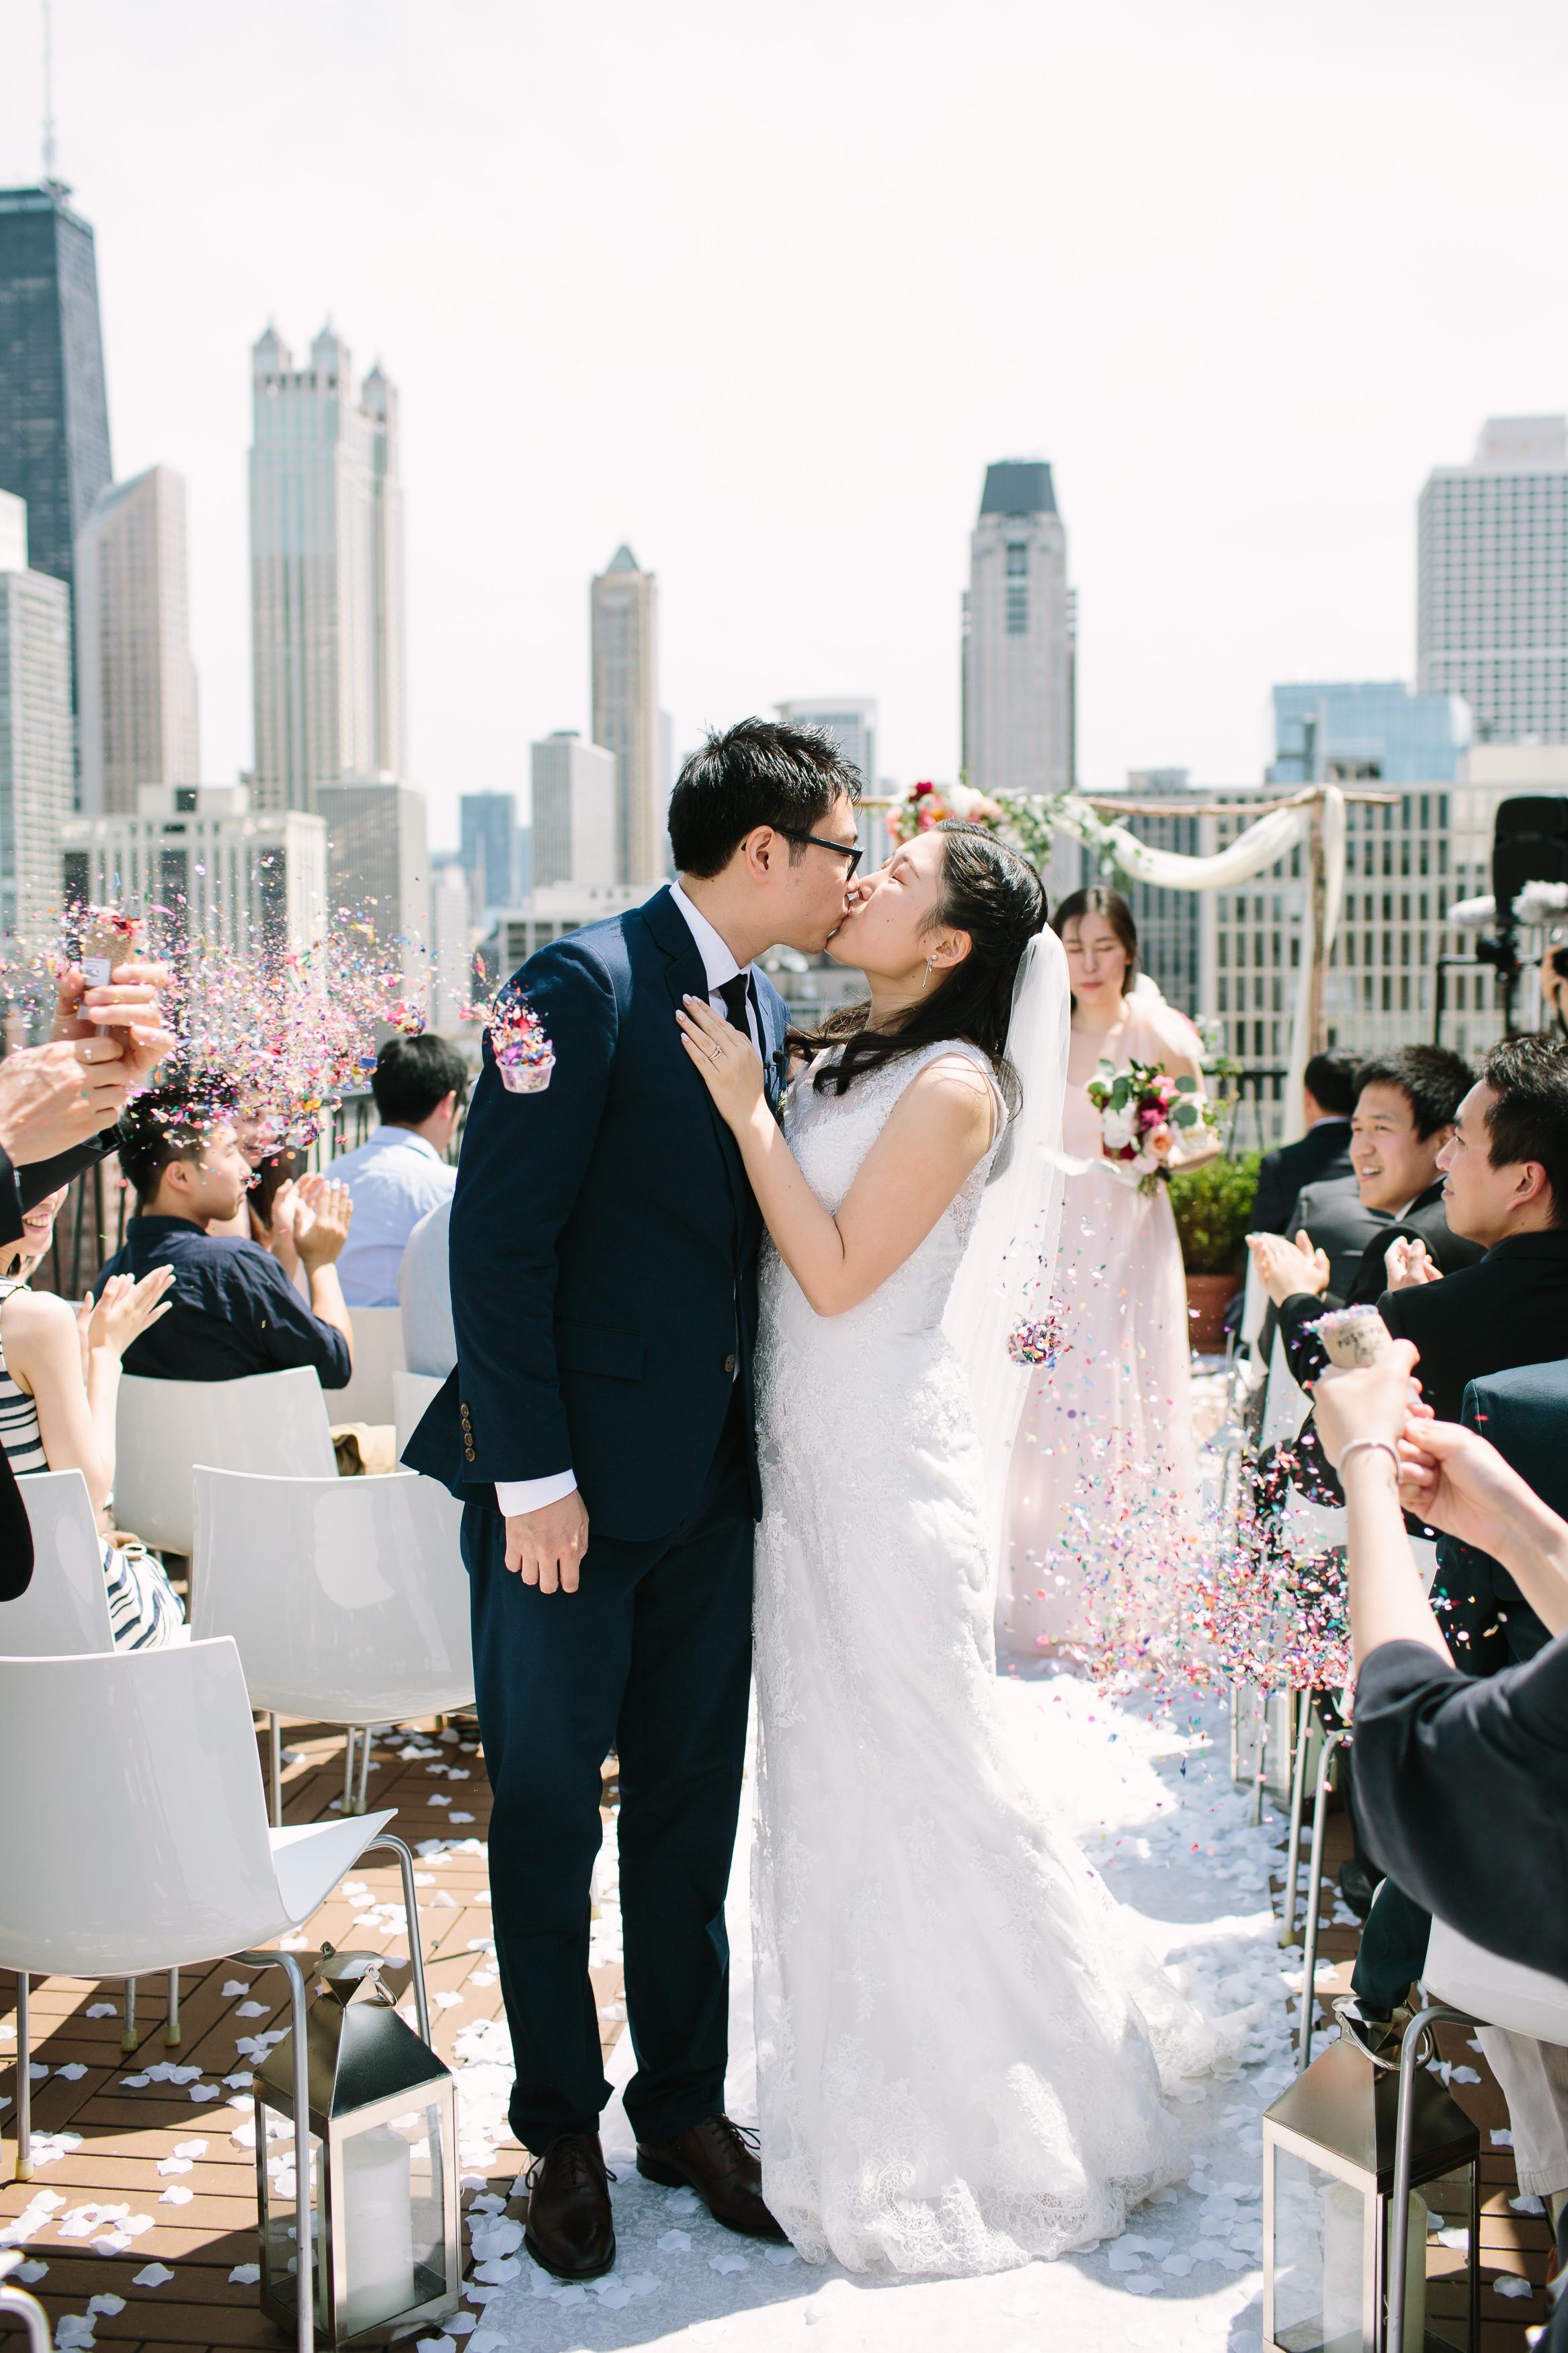 Nicodem Creative-Wang Wedding-Public Hotel Chicago-22.jpg